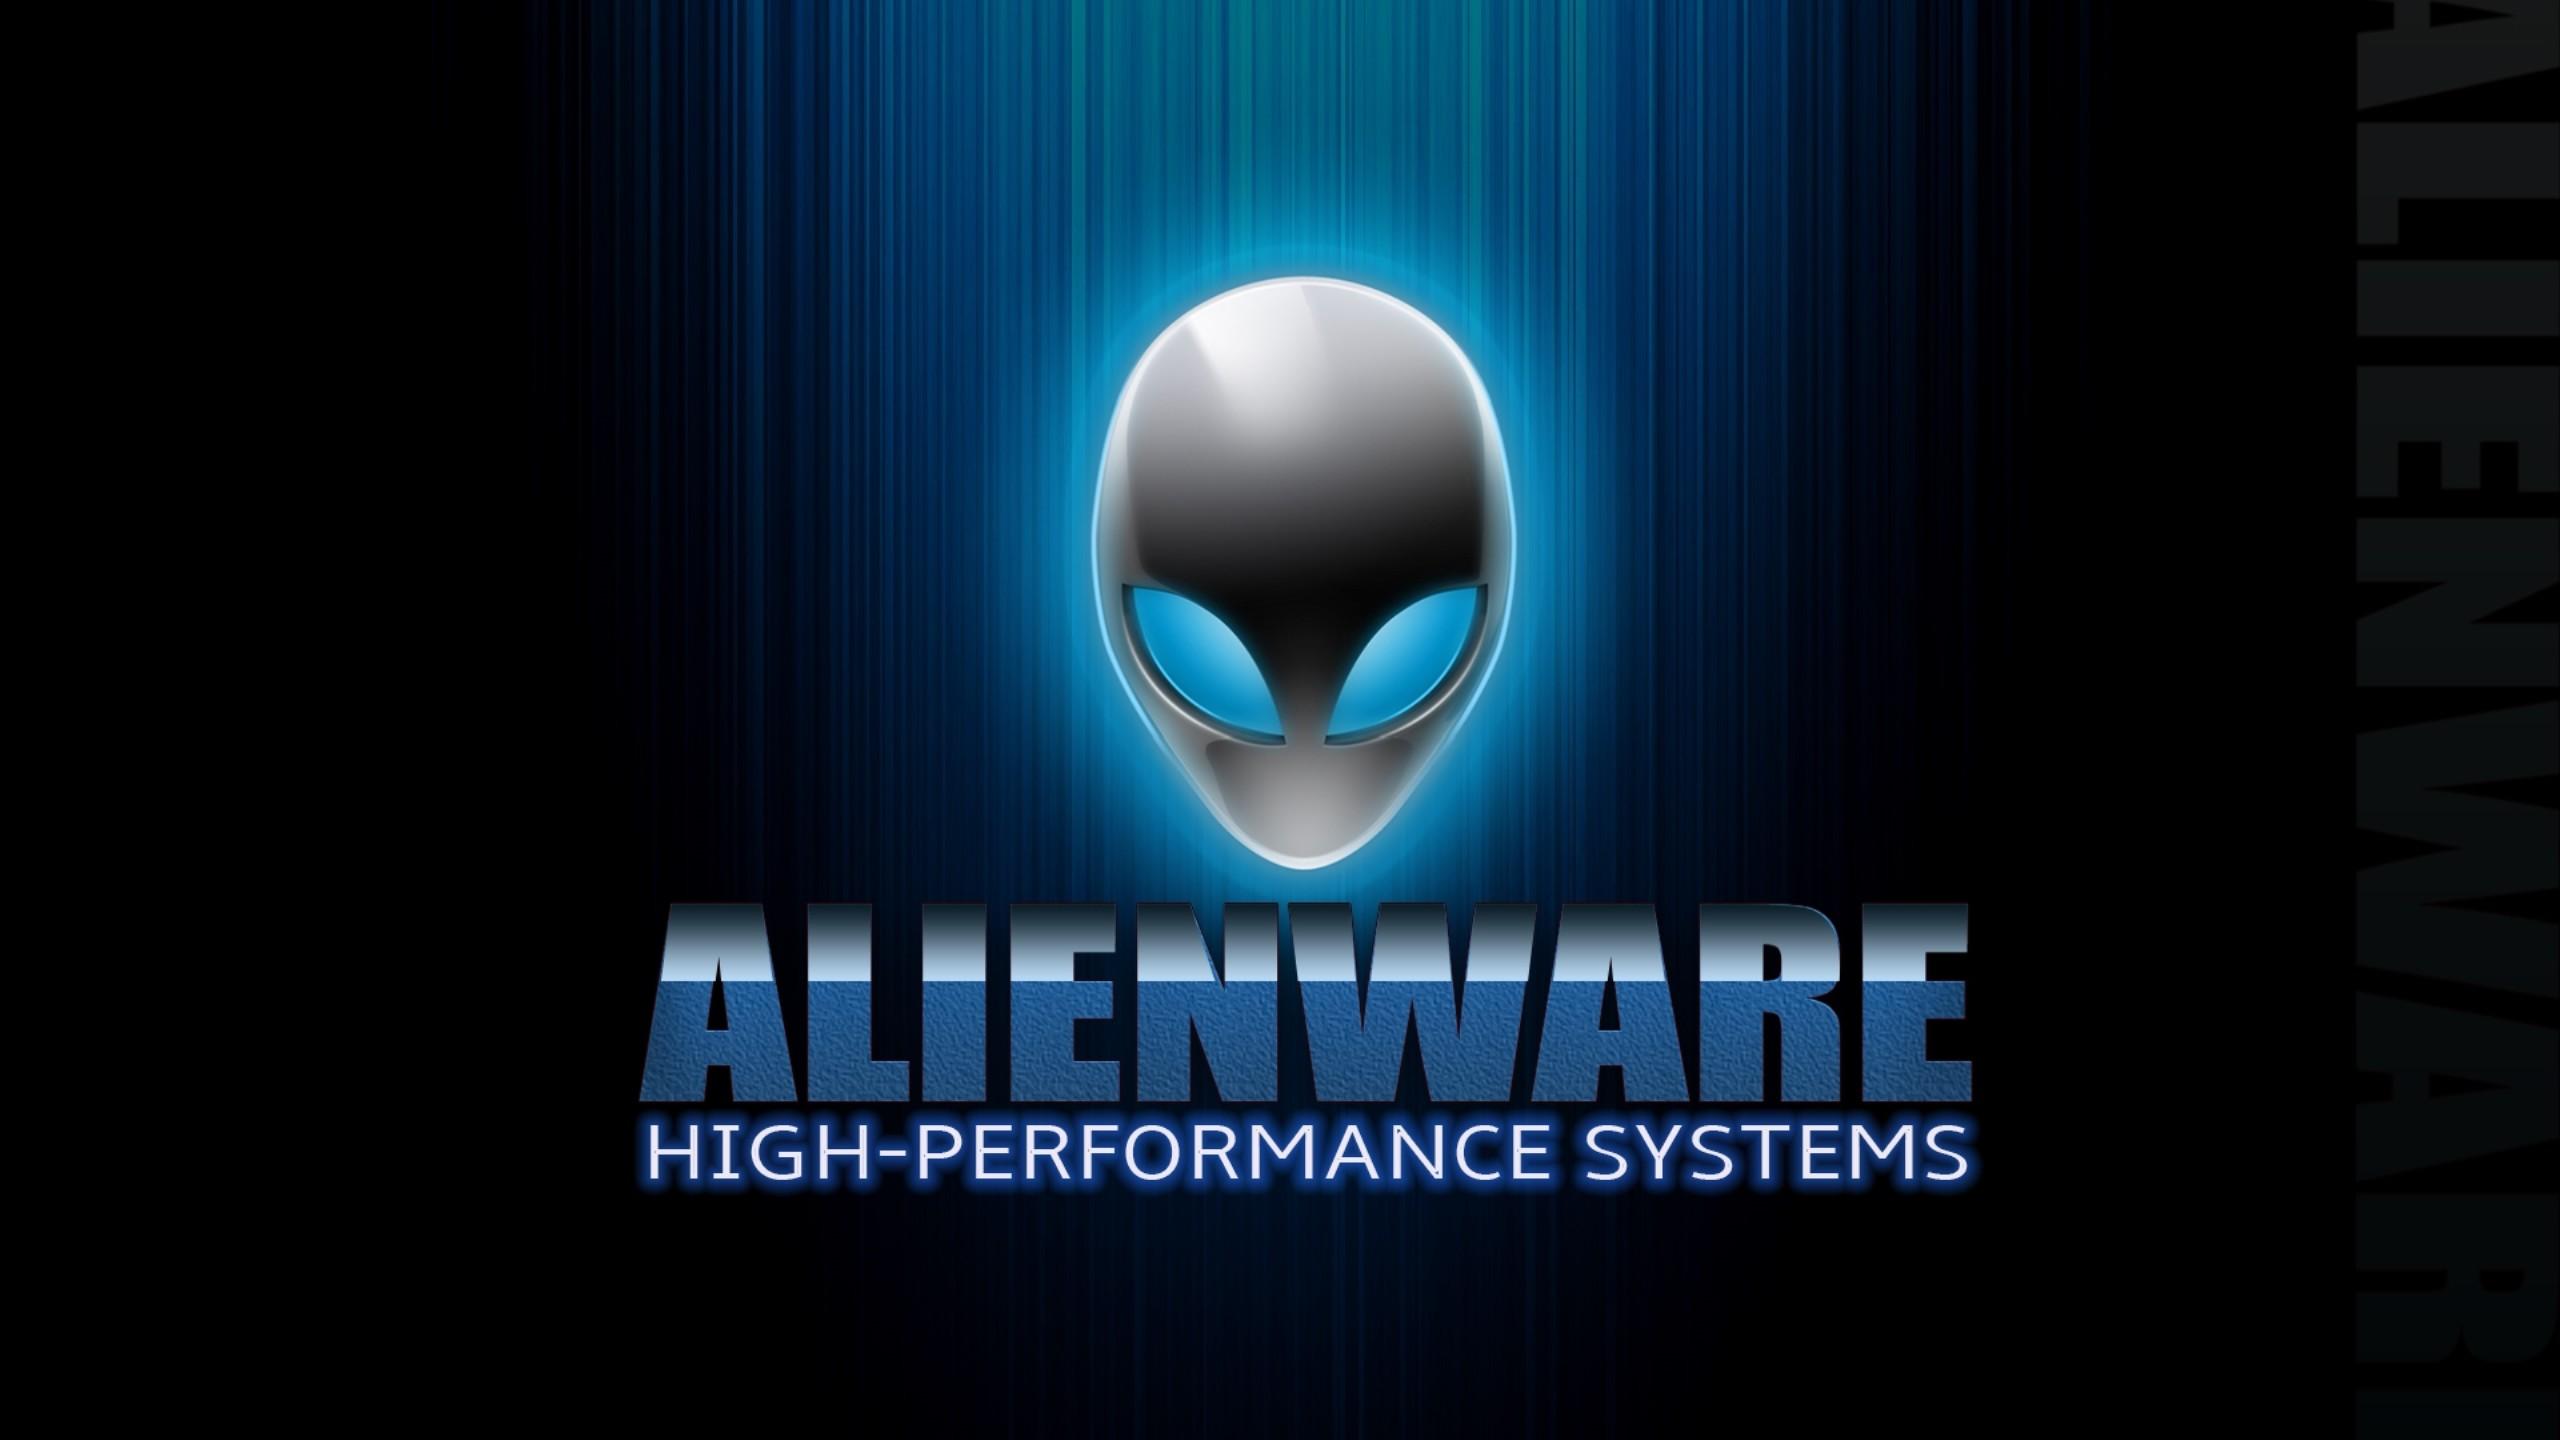 Super Alienware Wallpaper 1920x1080 HD (80+ images) @MQ_33